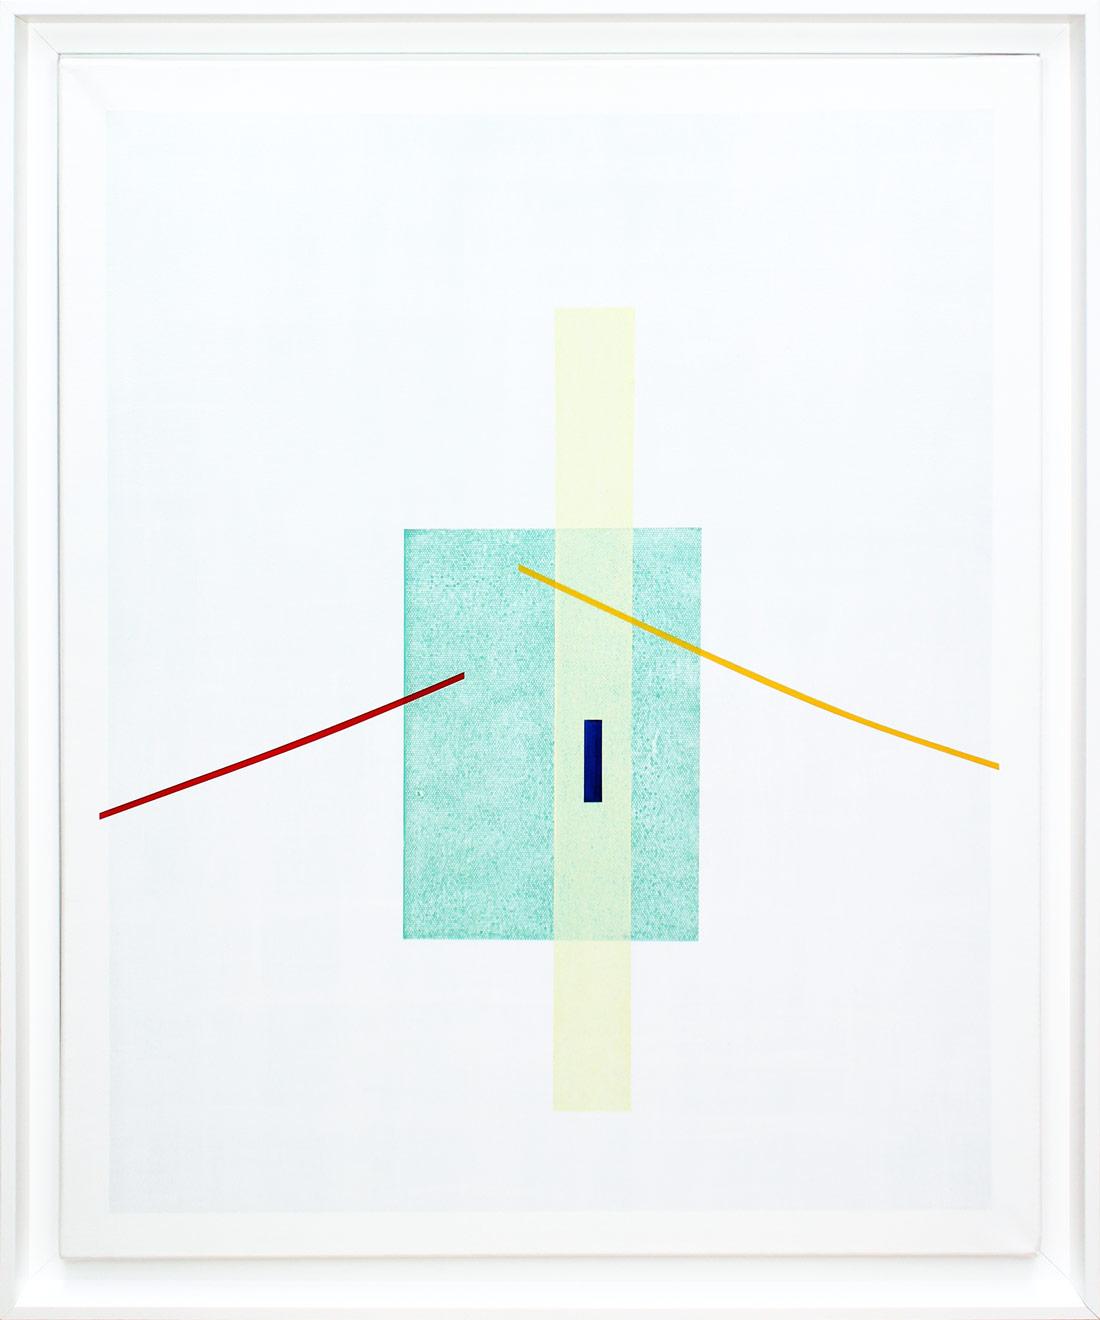 Sans-Titre-(fond-bleu-clair-rectangle-turquoise-et-barre-jaune)-packshot